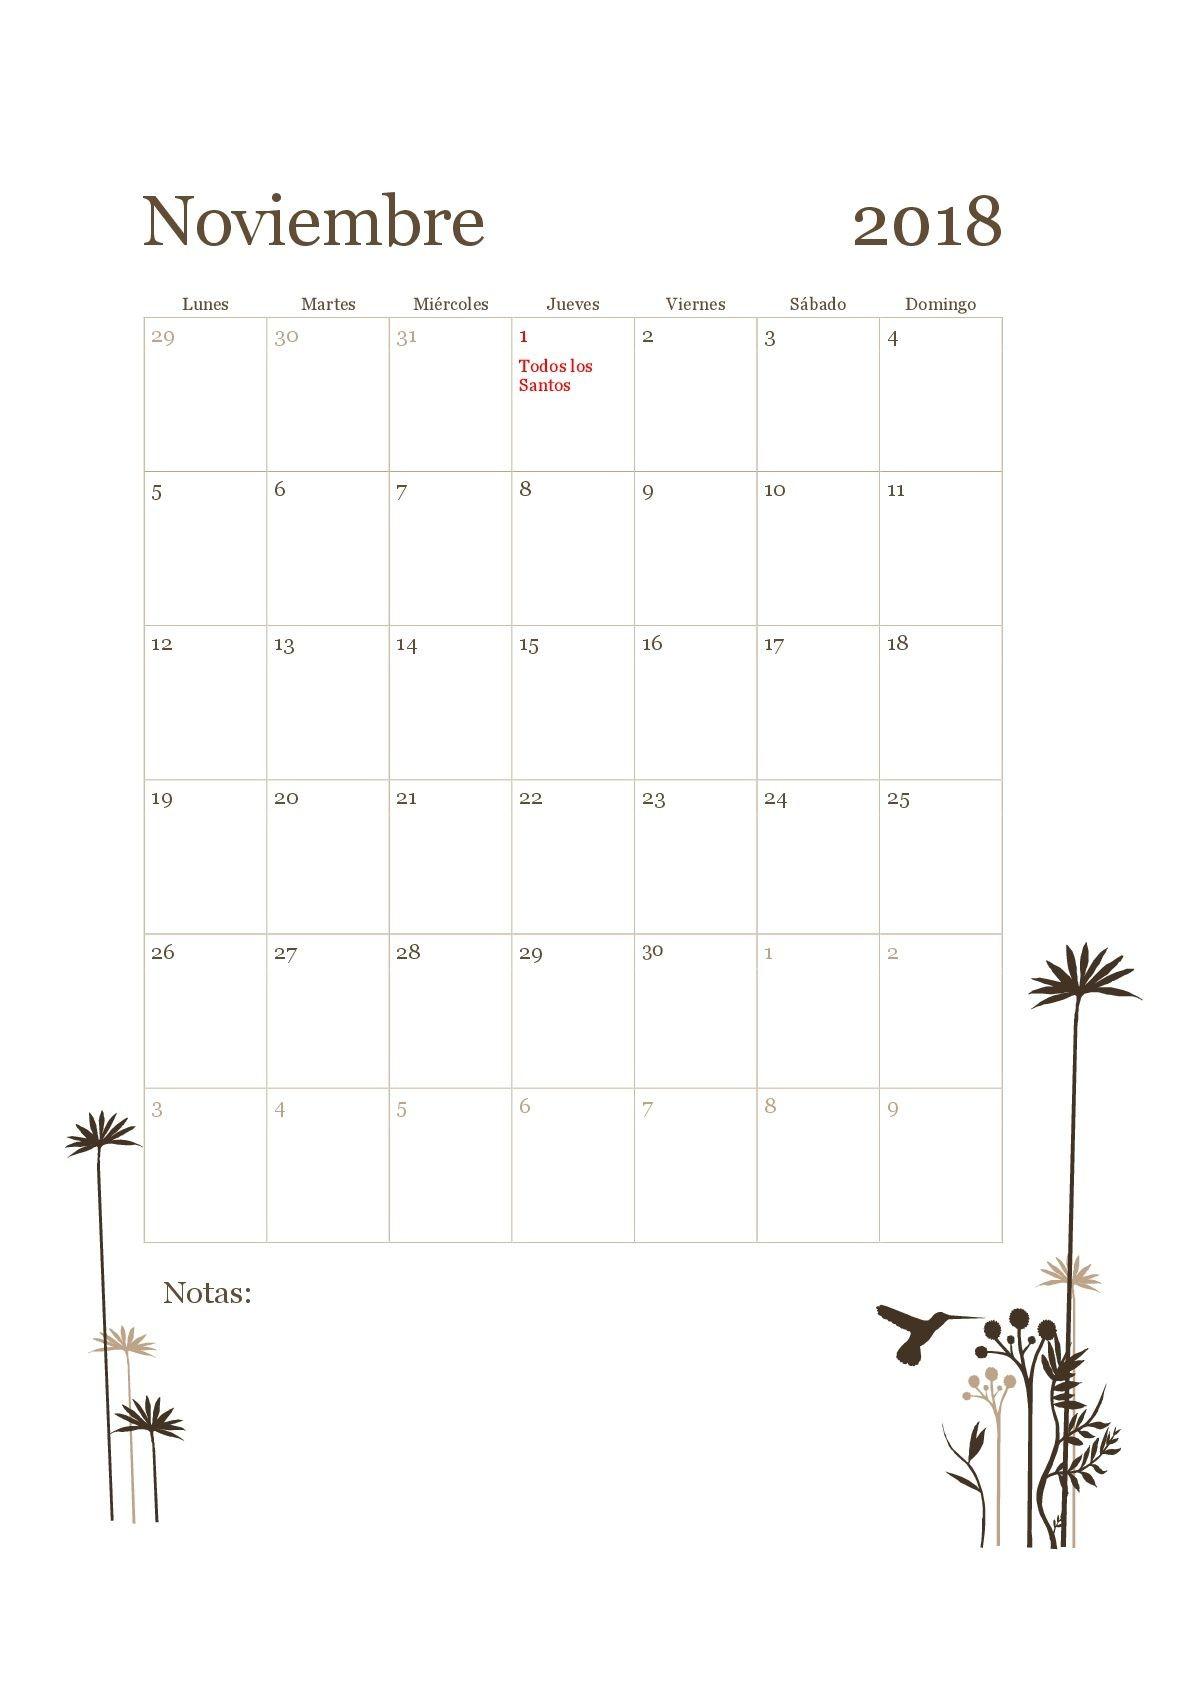 Mejores 13 imágenes de calendario laboral registro empleados en Pinterest